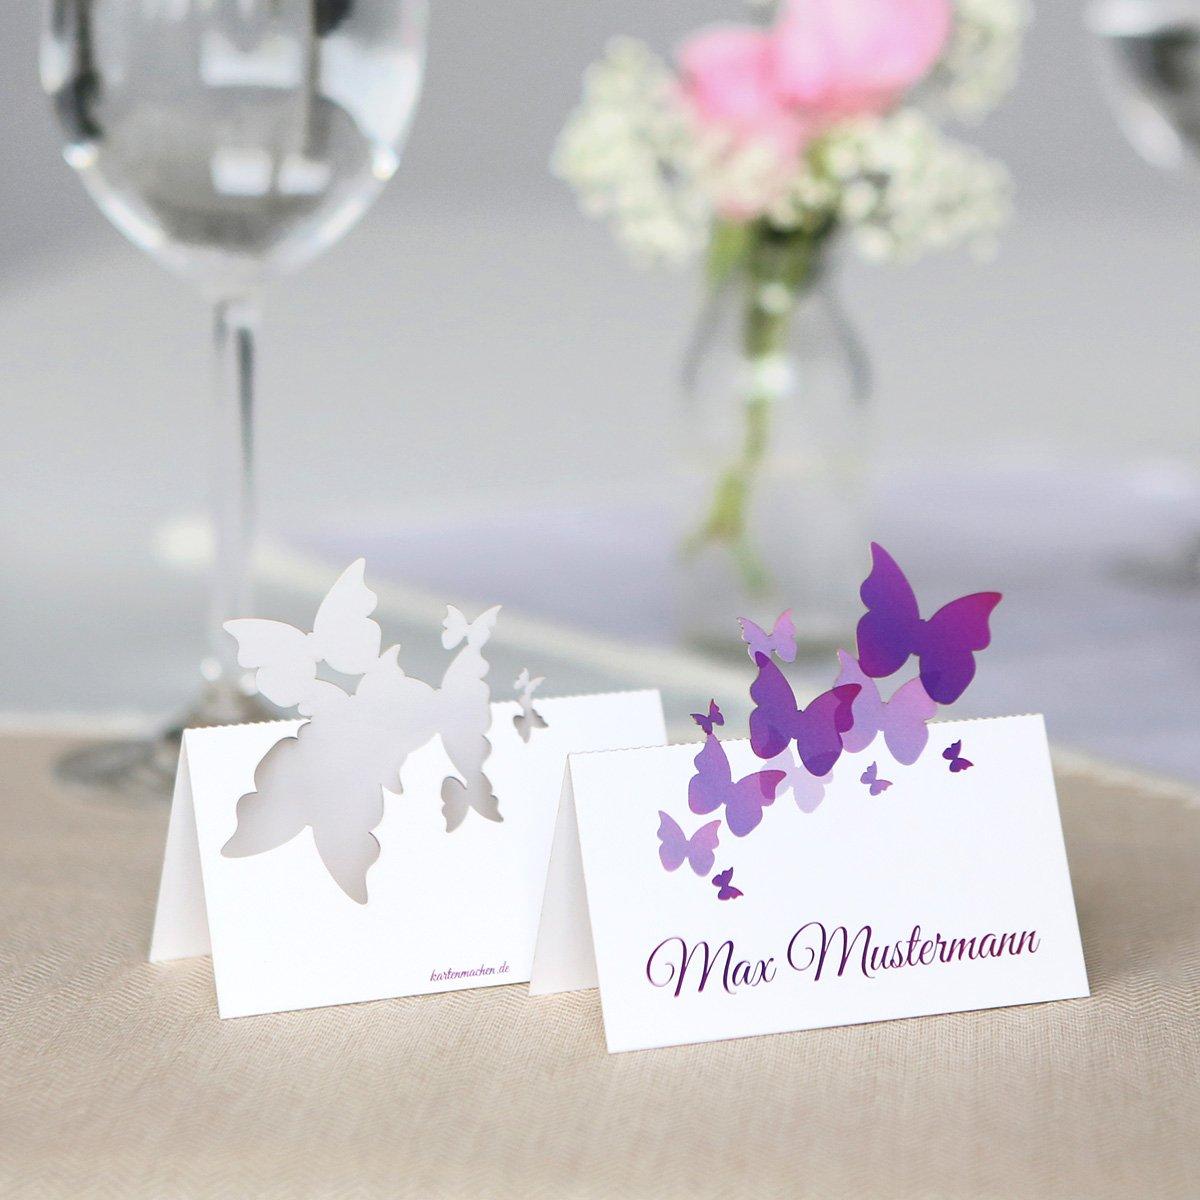 Pop Pop Pop up Tischkarten Hochzeit (40 Stück) - Schmetterlinge - Platzkarten B01MQRKU3R | Moderne Technologie  | Deutschland Store  | Praktisch Und Wirtschaftlich  009528